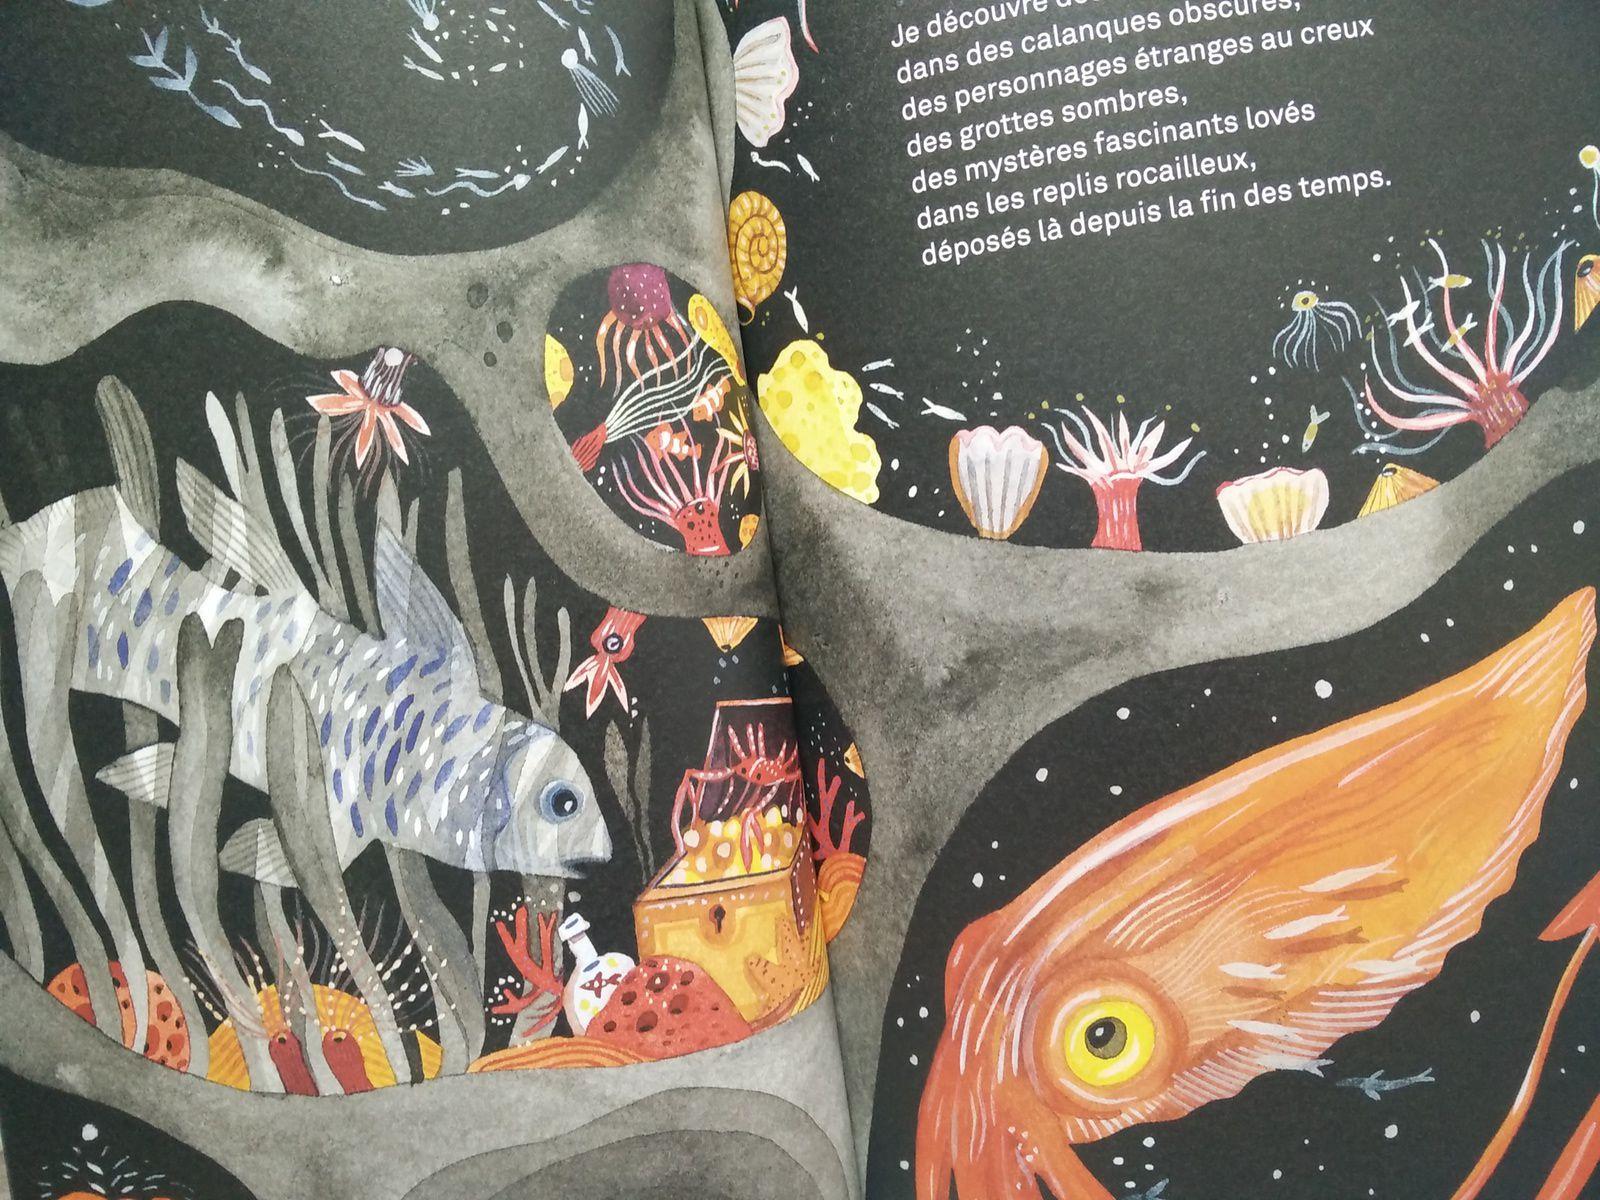 Nuit.  Nancy GUILBERT et Anna GRIOT – 2020 (Dès 6 ans)